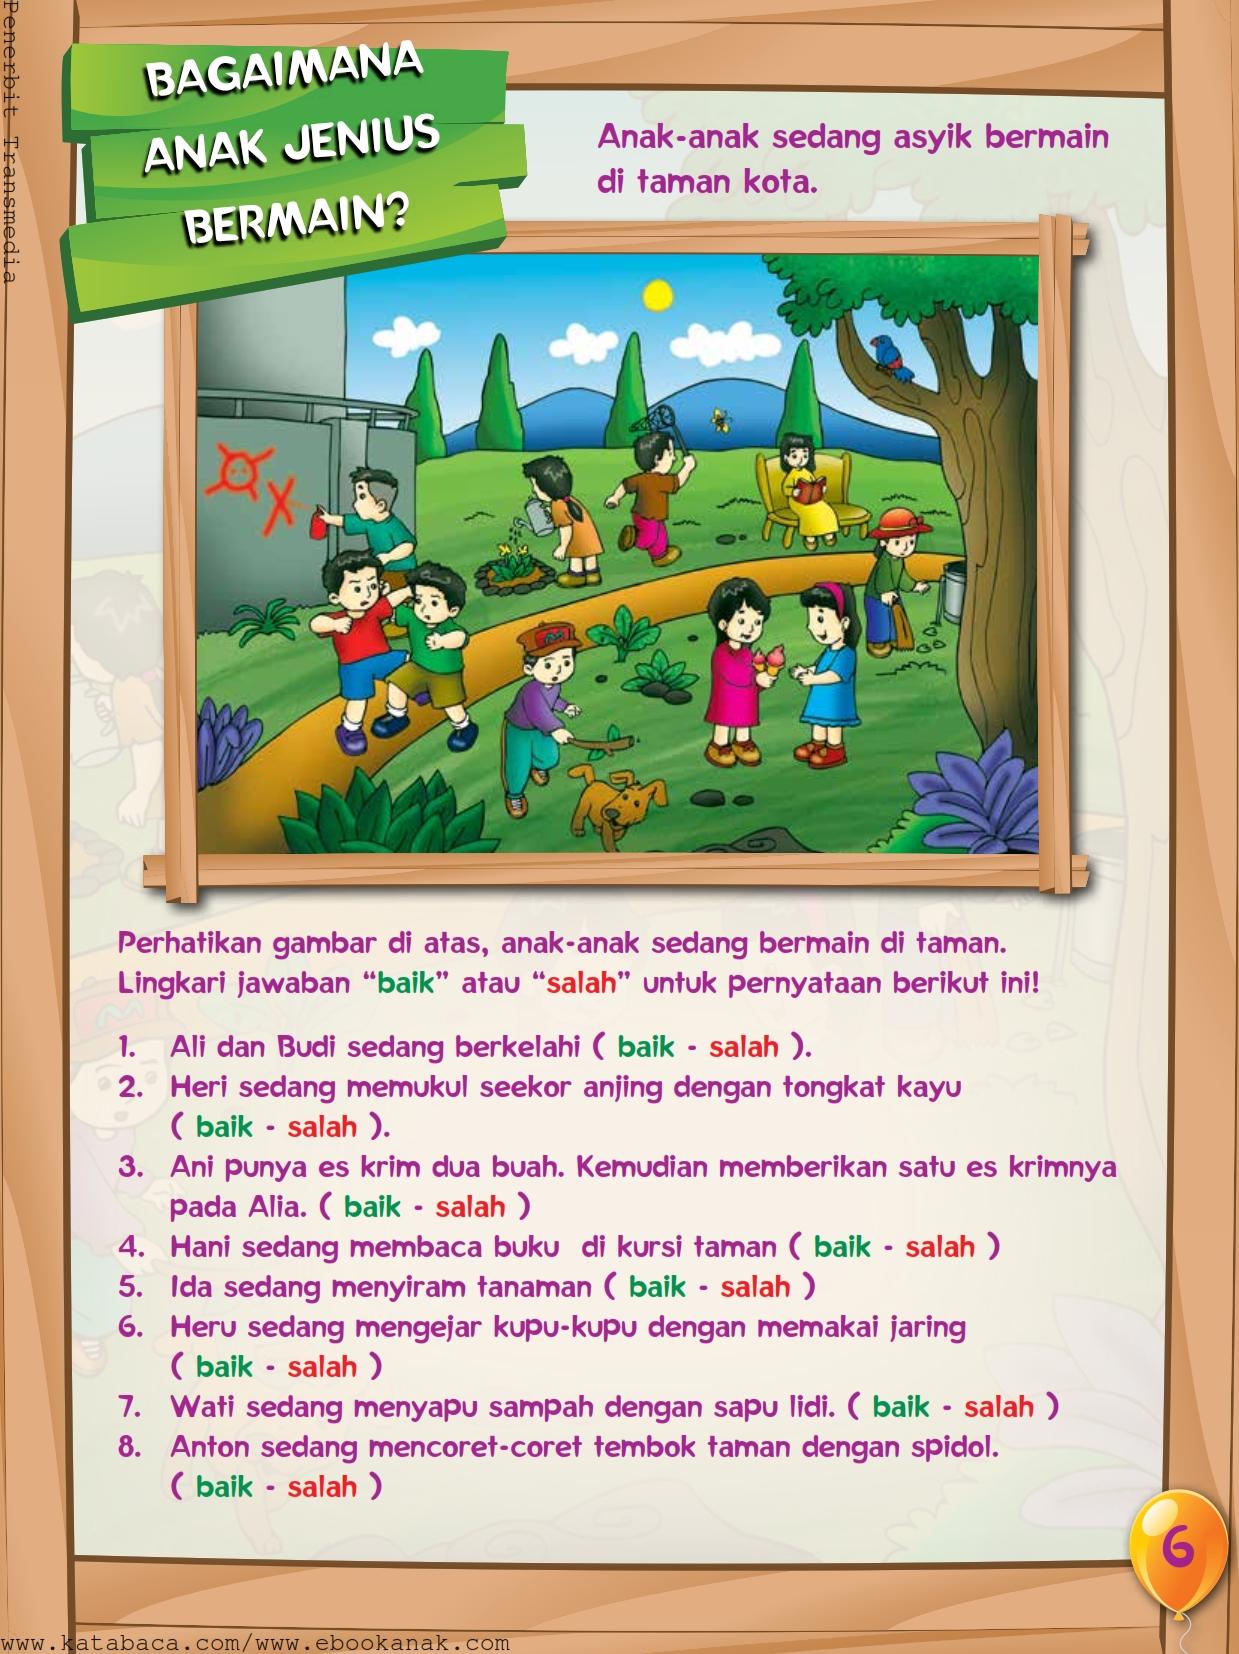 baca buku online, buku aktivitas anak jenius TK A B_009 anak jenius bermain dengan tertib dan sopan